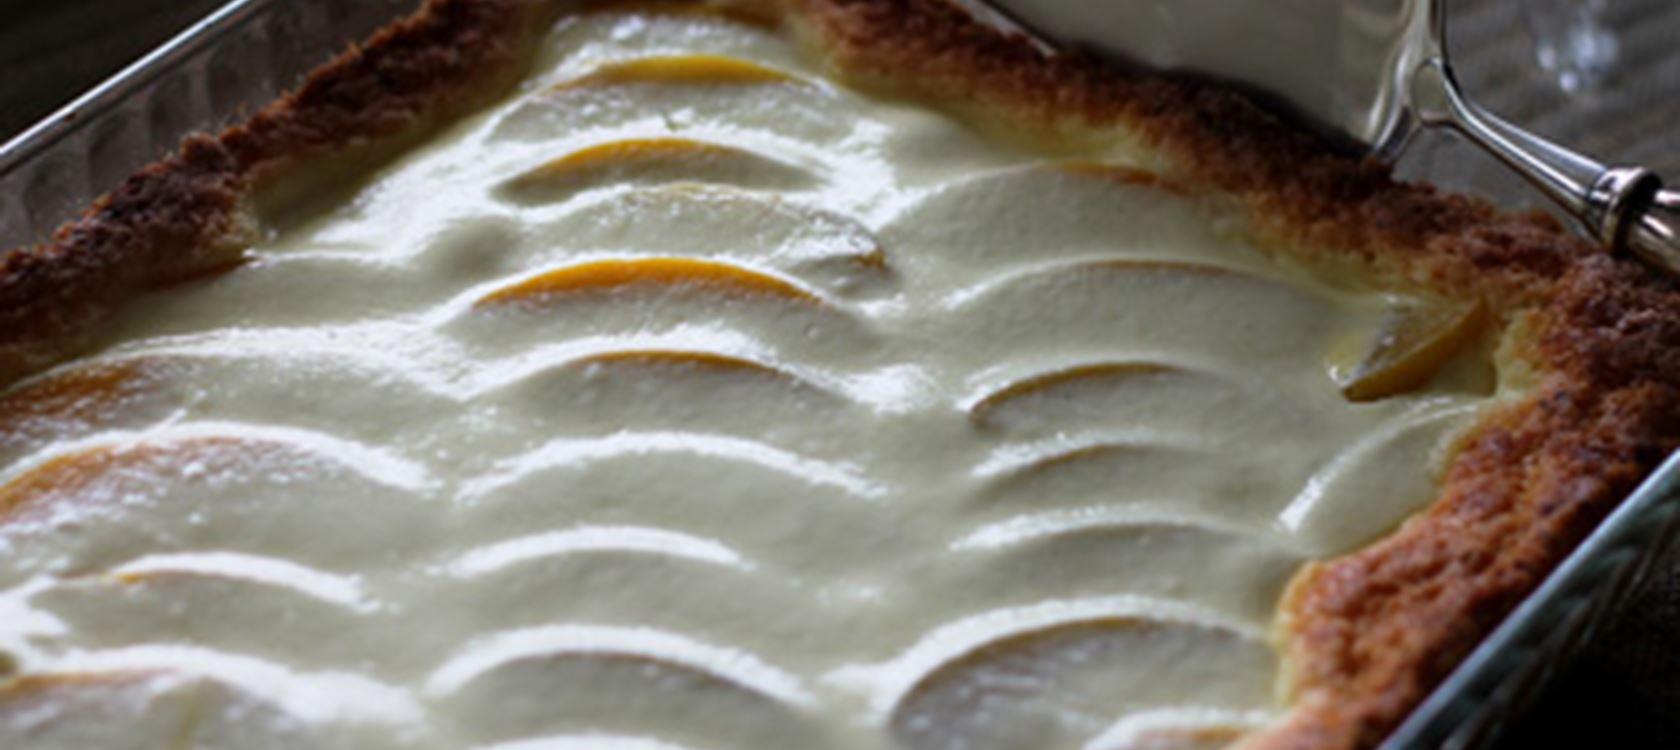 Persikka-rahkapiirakka